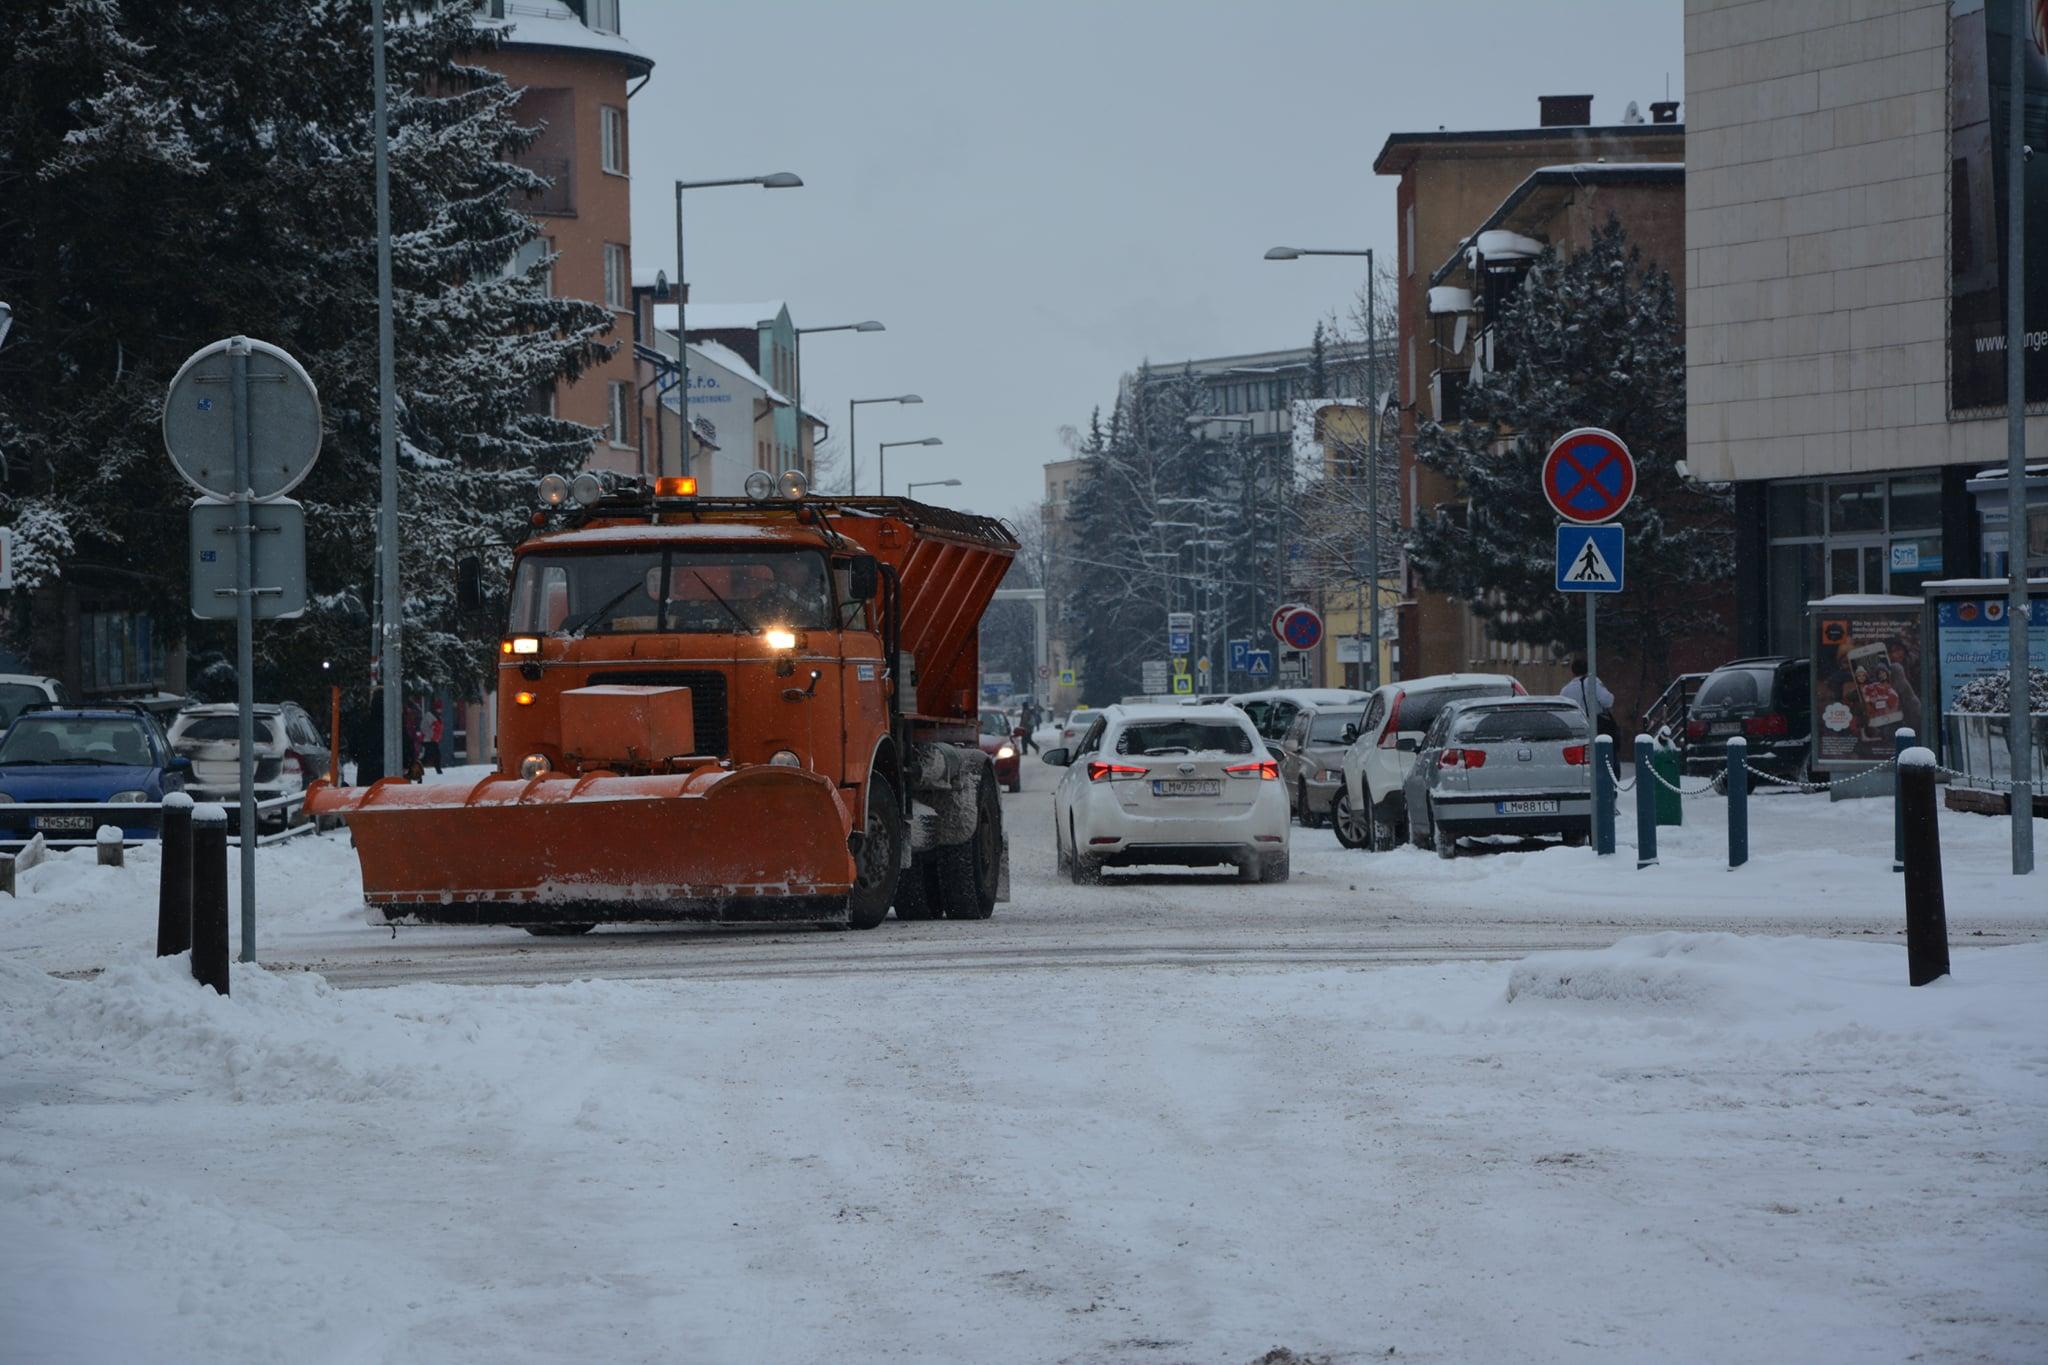 Neblokujme zimnú údržbu zaparkovanými autami